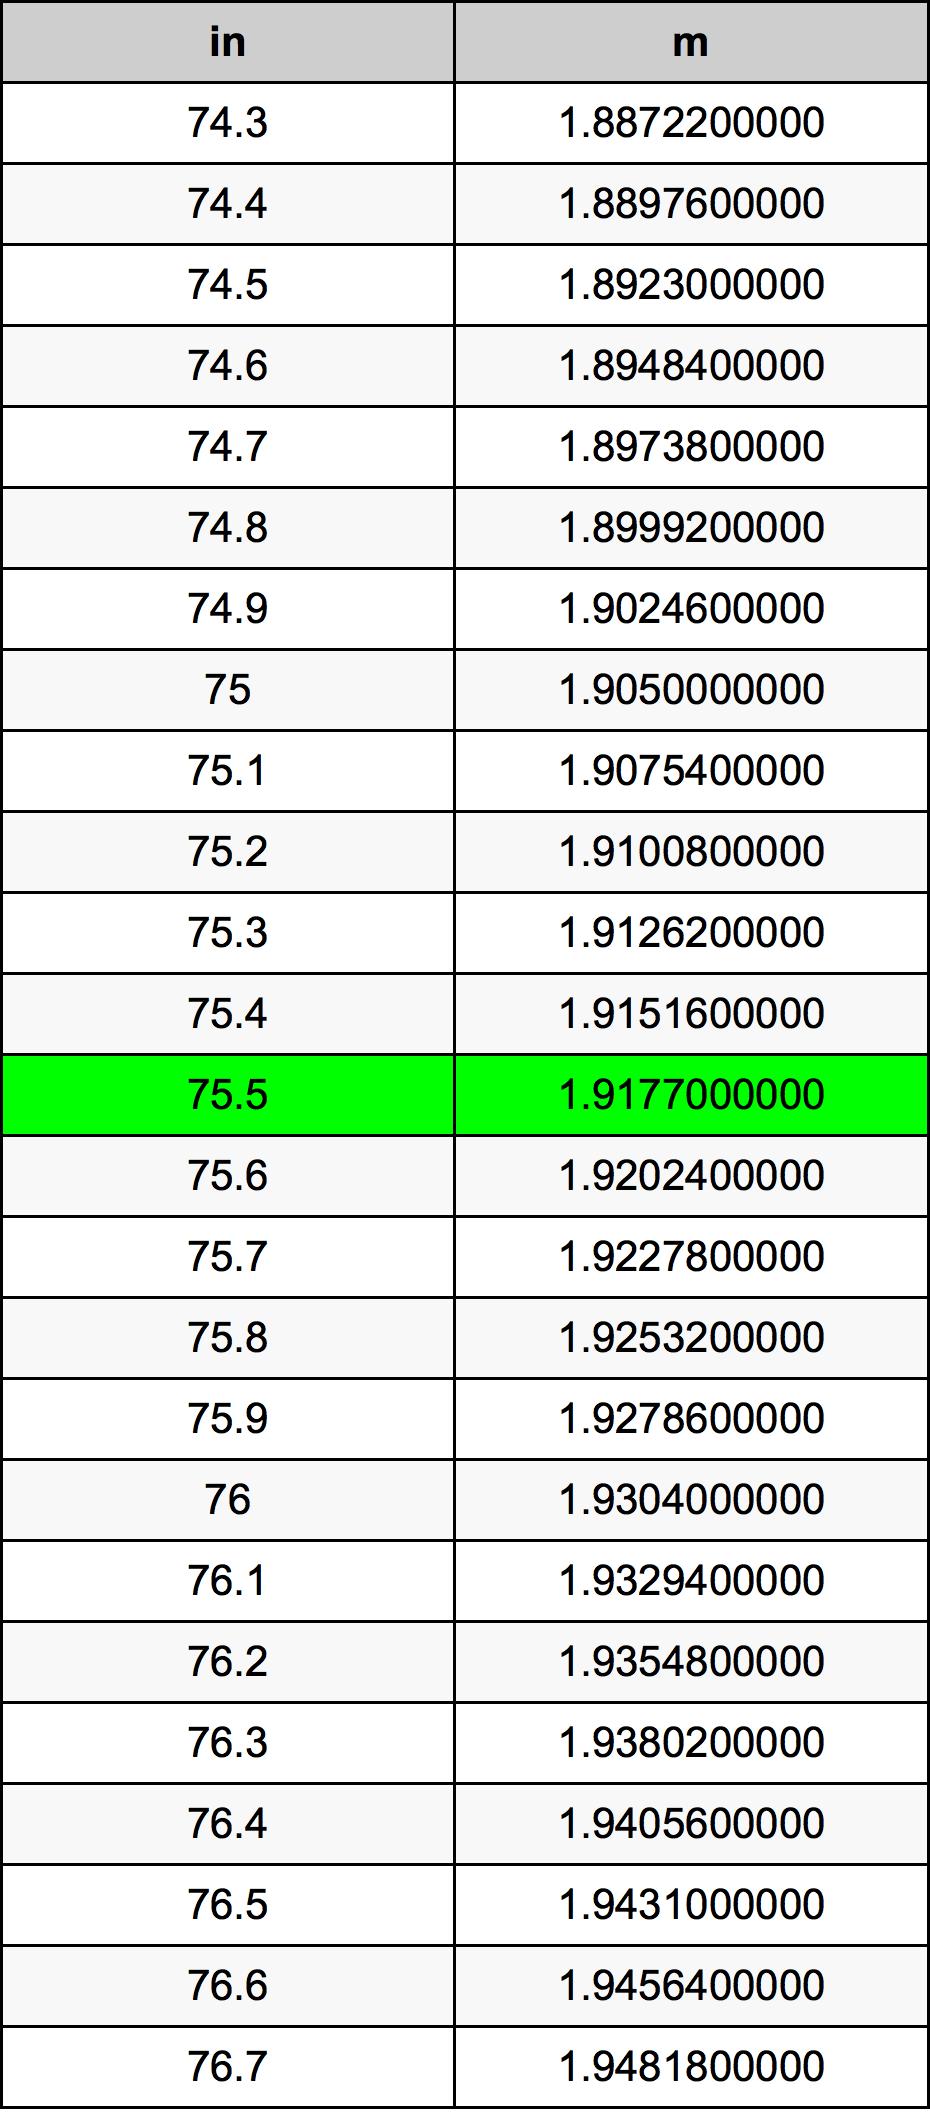 75.5 Pouce table de conversion